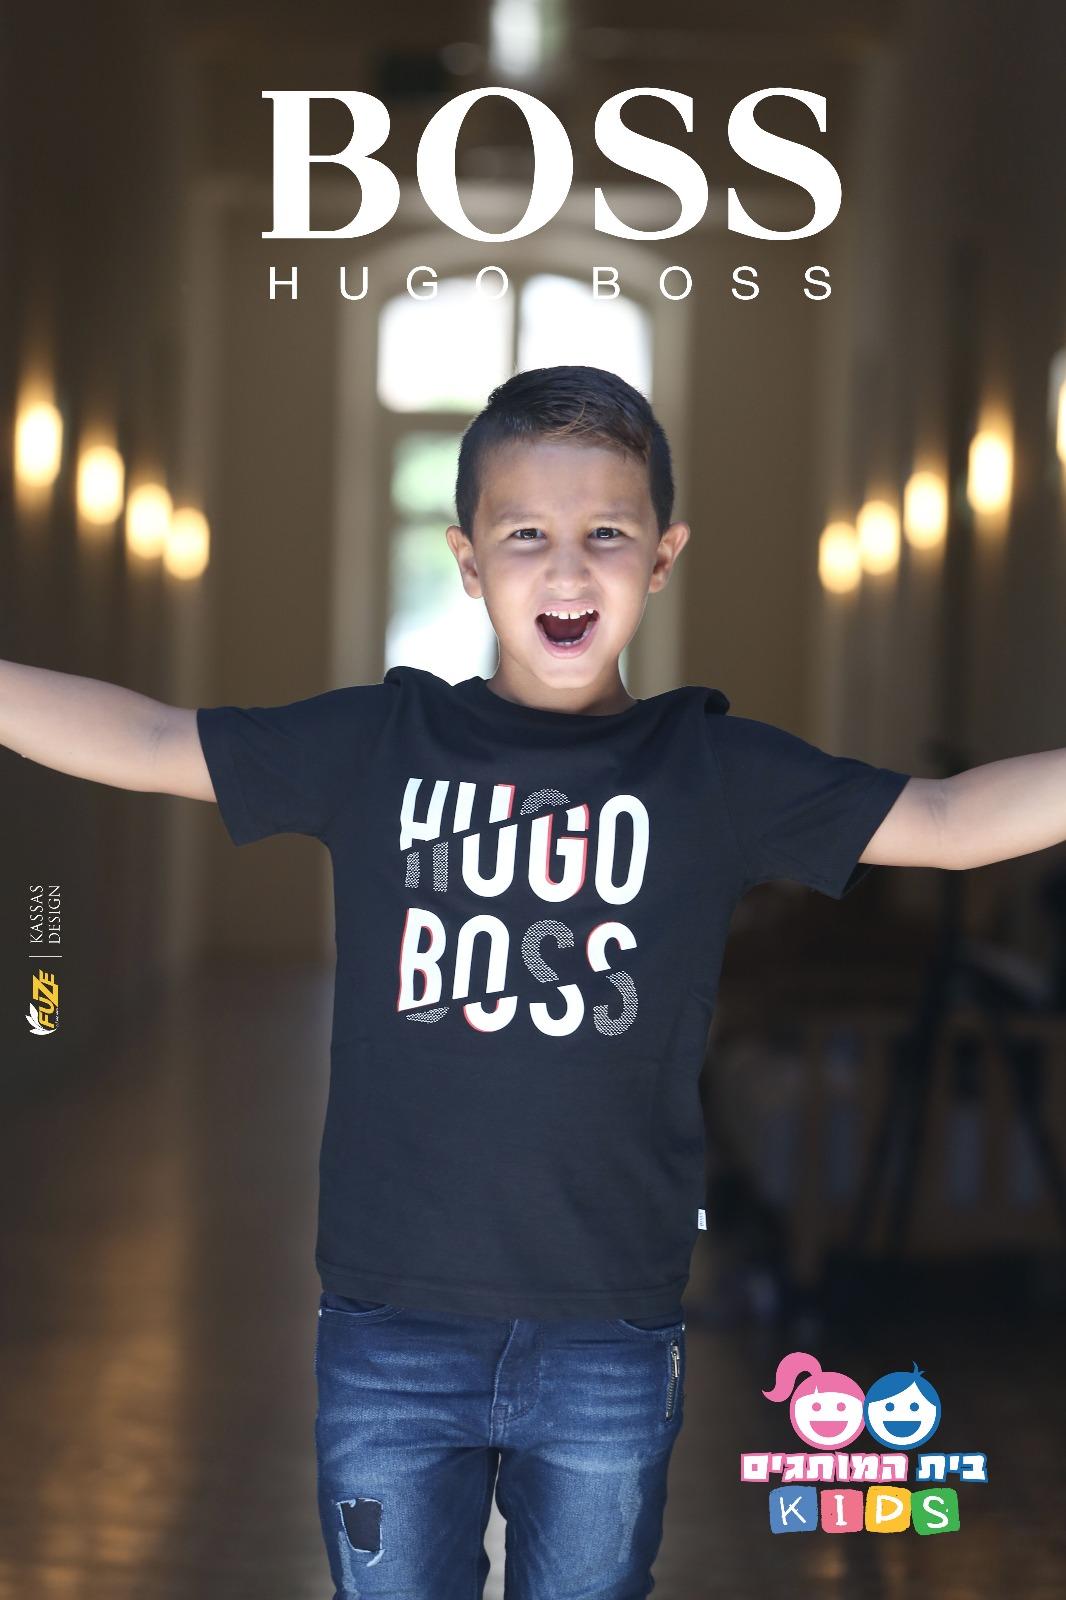 تخفيضات 30% عند شراء البدلة الثانية   من ماركة BOSS في محل بيت هموتجيم KIDS بيافا